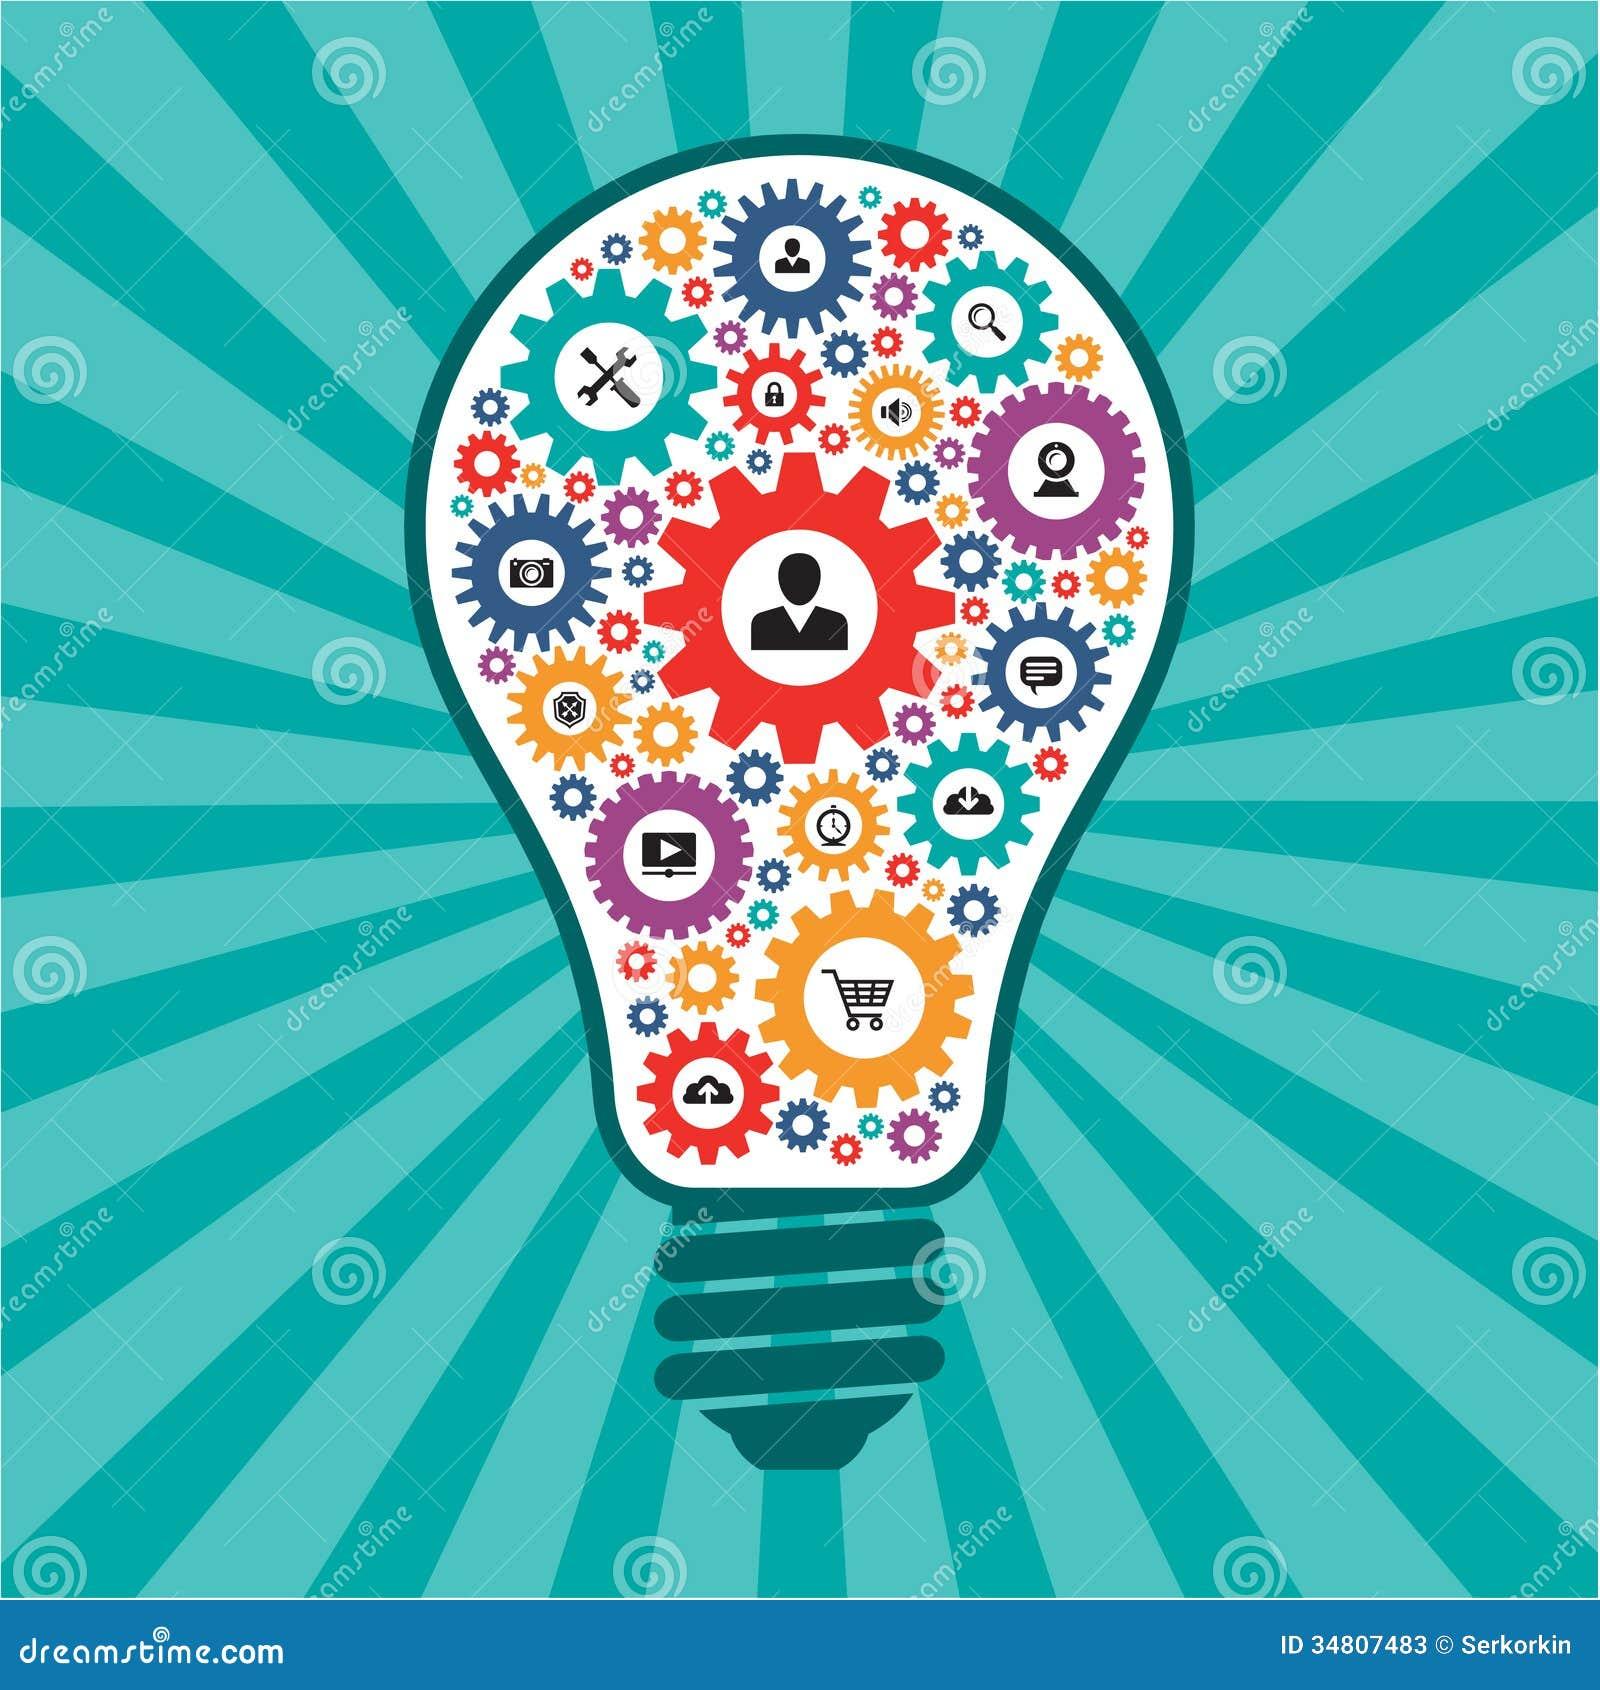 Infographic begrepp - idérik idévektorlampa - SEO-symboler i formen av ljusa kulor